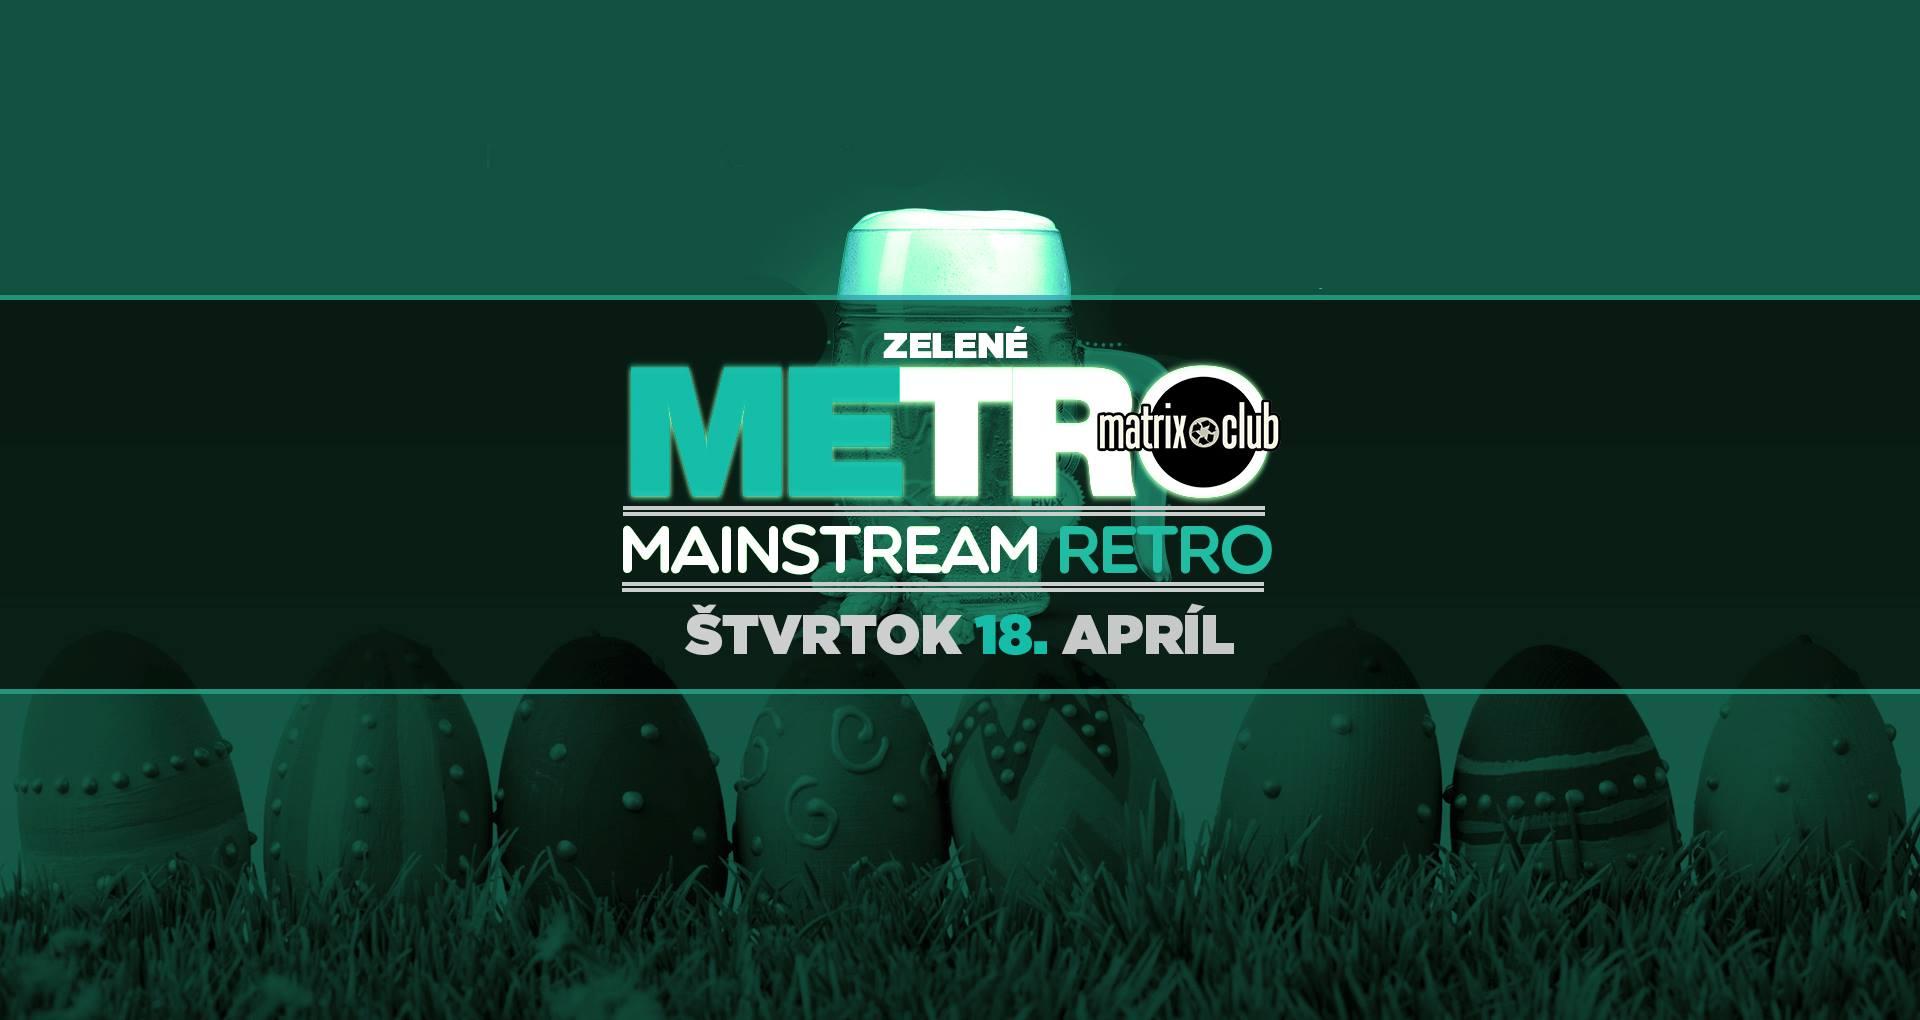 Zelenoštvrtkové METRO v Matrixe (DJ Caggy)